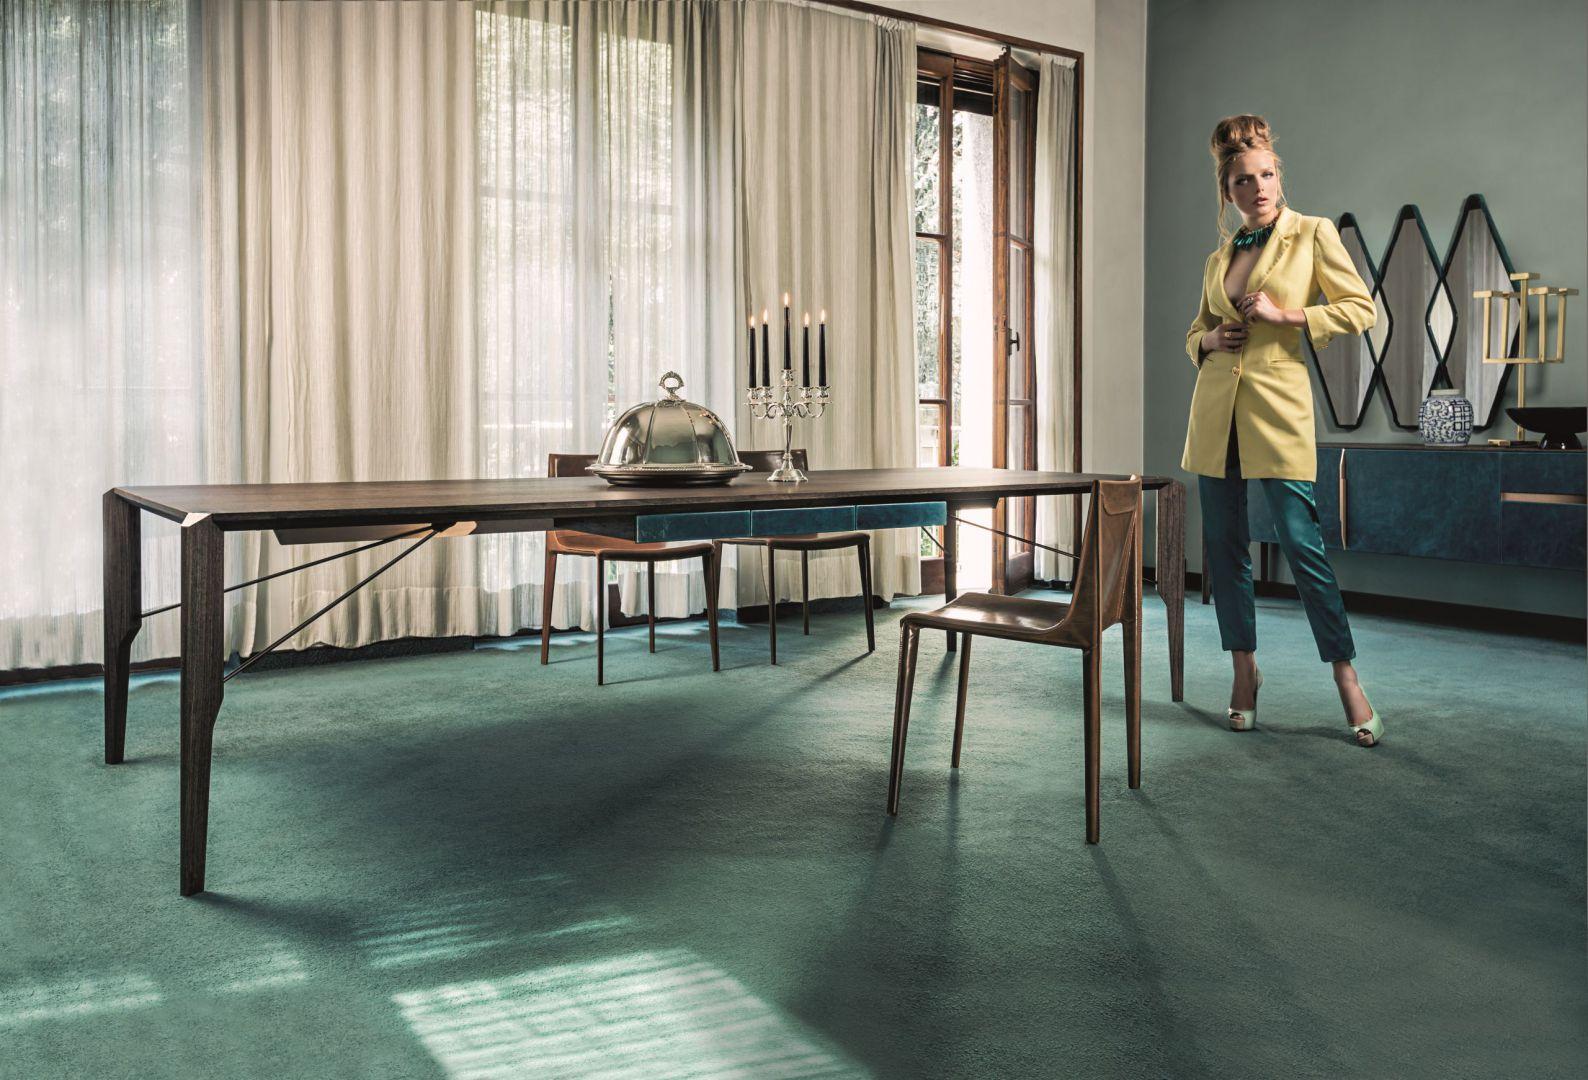 Designerski stół Glorious z nogami z litego drewna oraz blatem z MDF-u pokrytego fornirem drewna egzotycznego. Fot. Arketipo